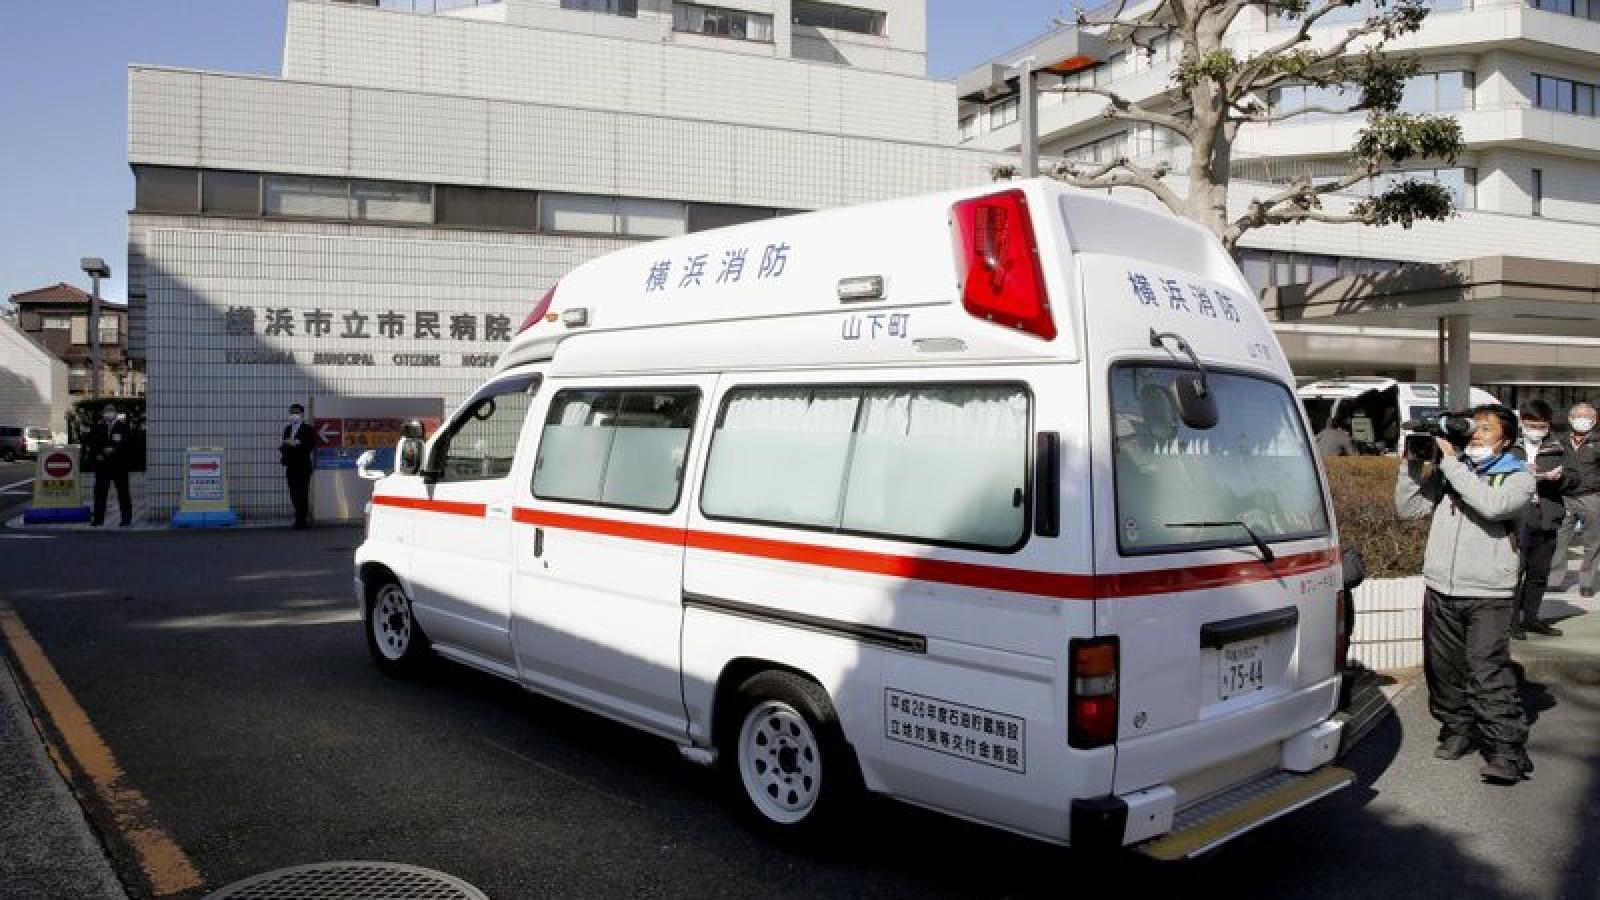 Nhật Bản: Hàng trăm bác sĩ mắc Covid-19, hệ thống y tế sụp đổ?